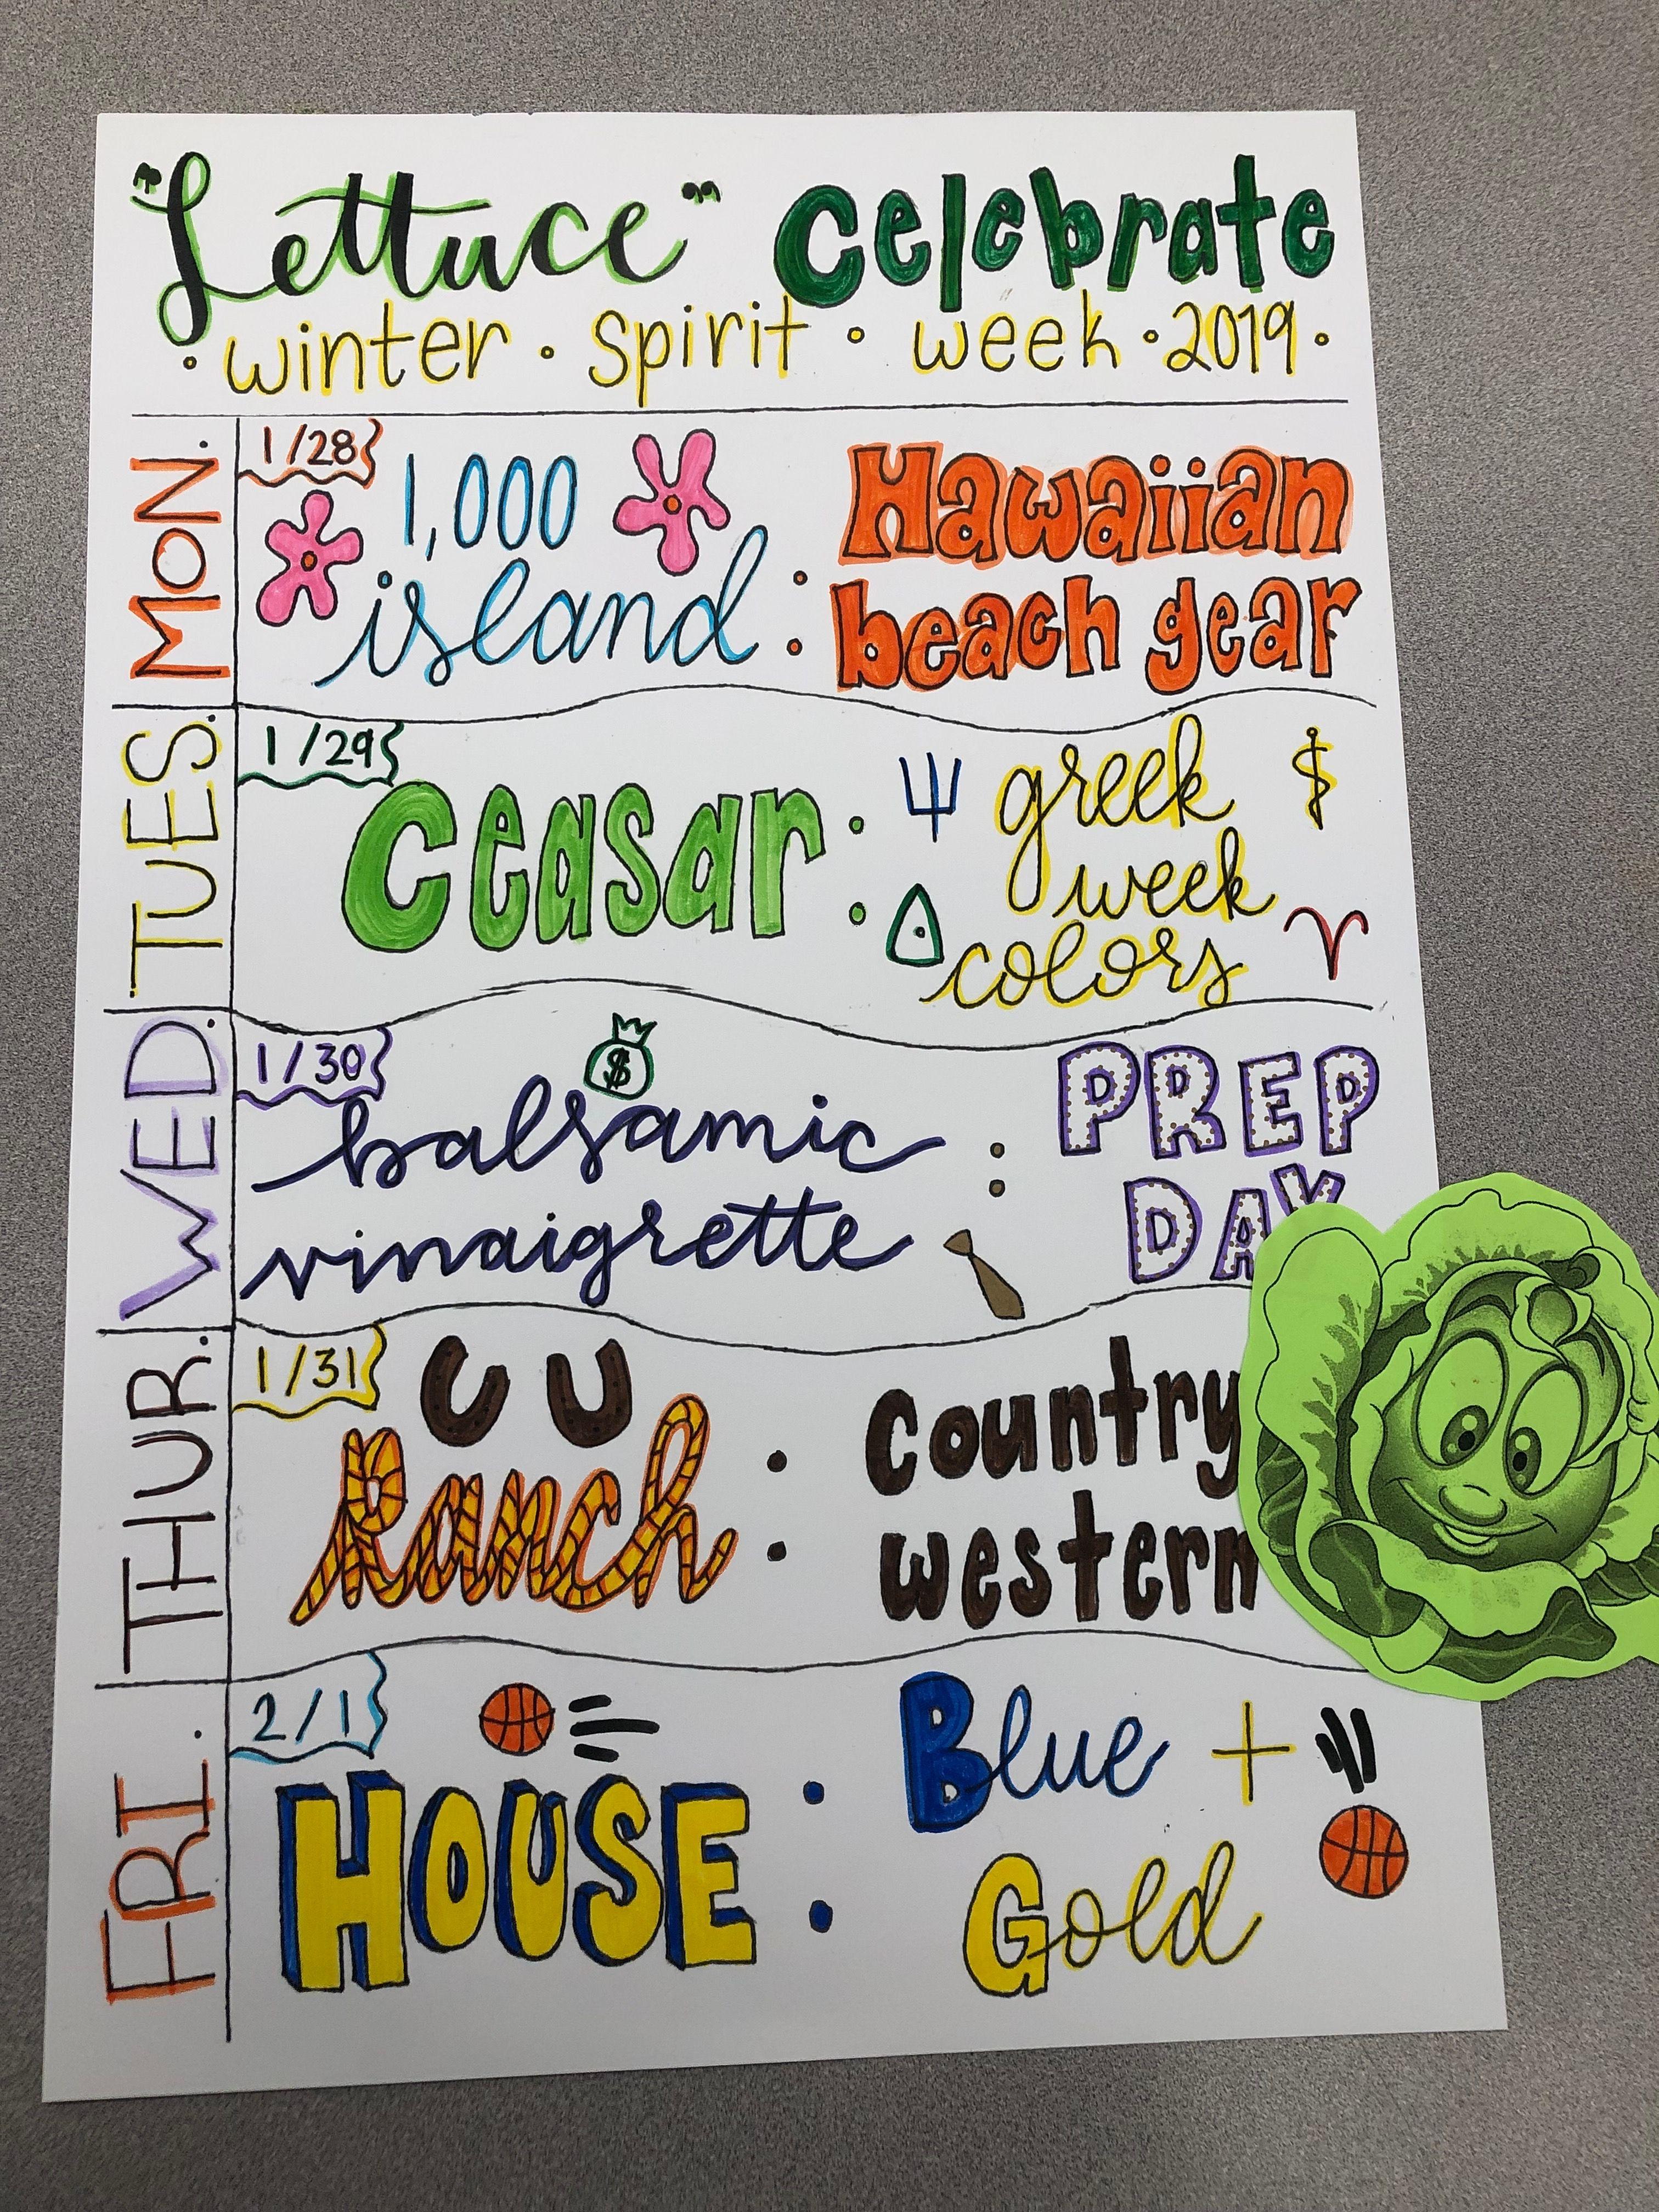 Aghs Lettuce Celebrate Winter Spirit Week 2019 School Spirit Week School Spirit Days Homecoming Spirit Week